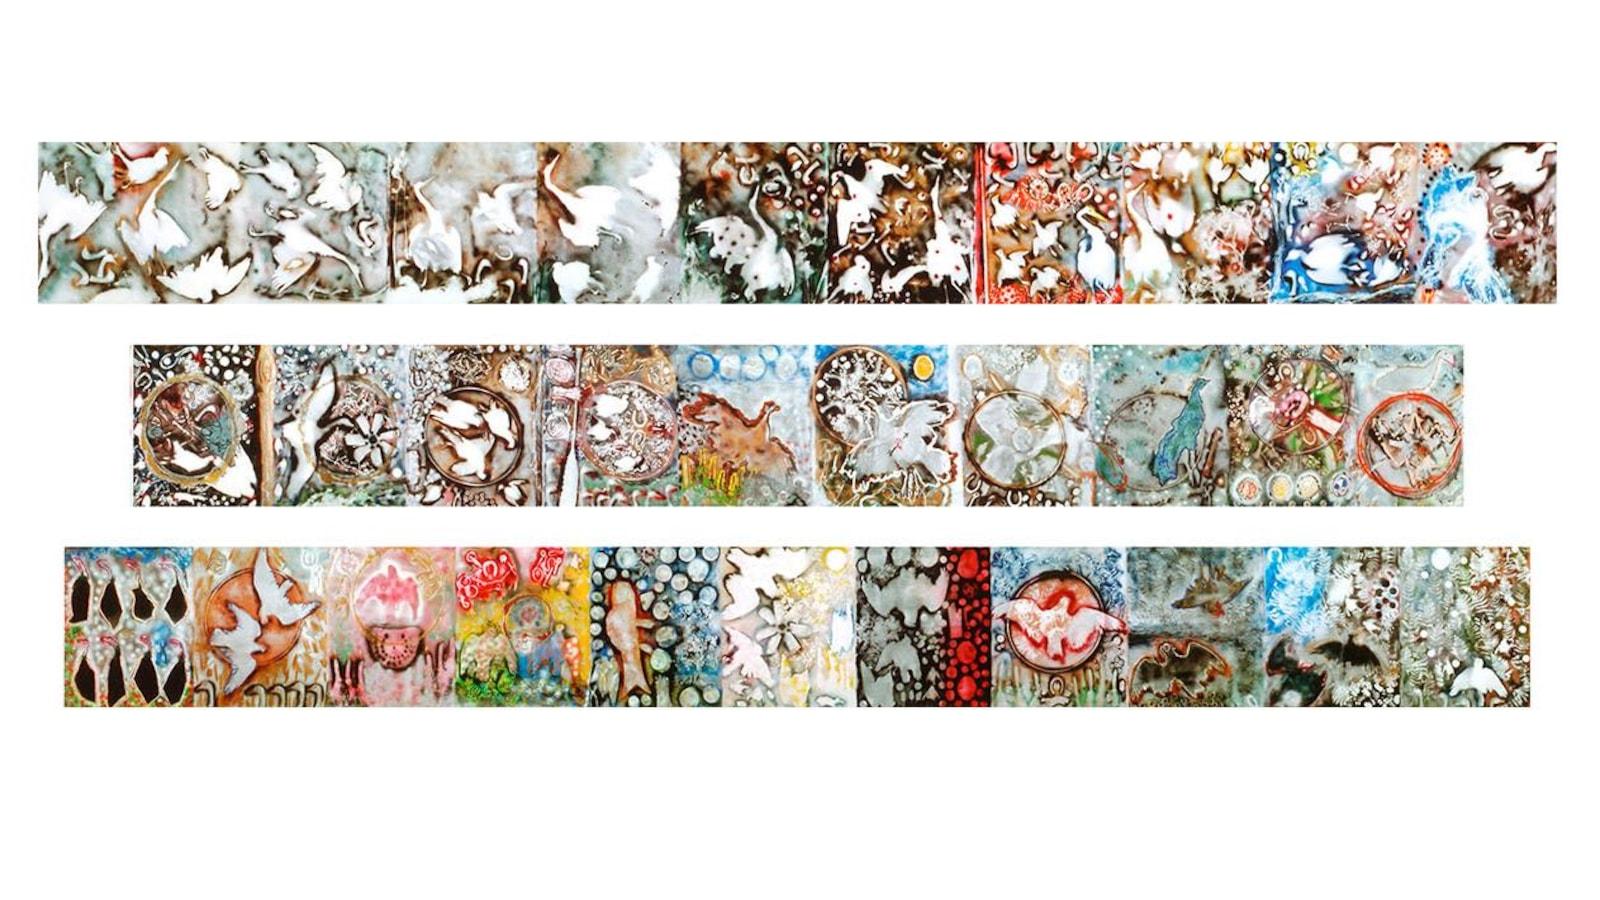 Une immense fresque colorée réalisée à l'aide de bombes aérosol, sui se présente comme une succession de tableaux animaliers, habités par des objets courants représentés le plus souvent en silhouette, privilégiant des effets atmosphériques au gré d'une mécanique céleste.